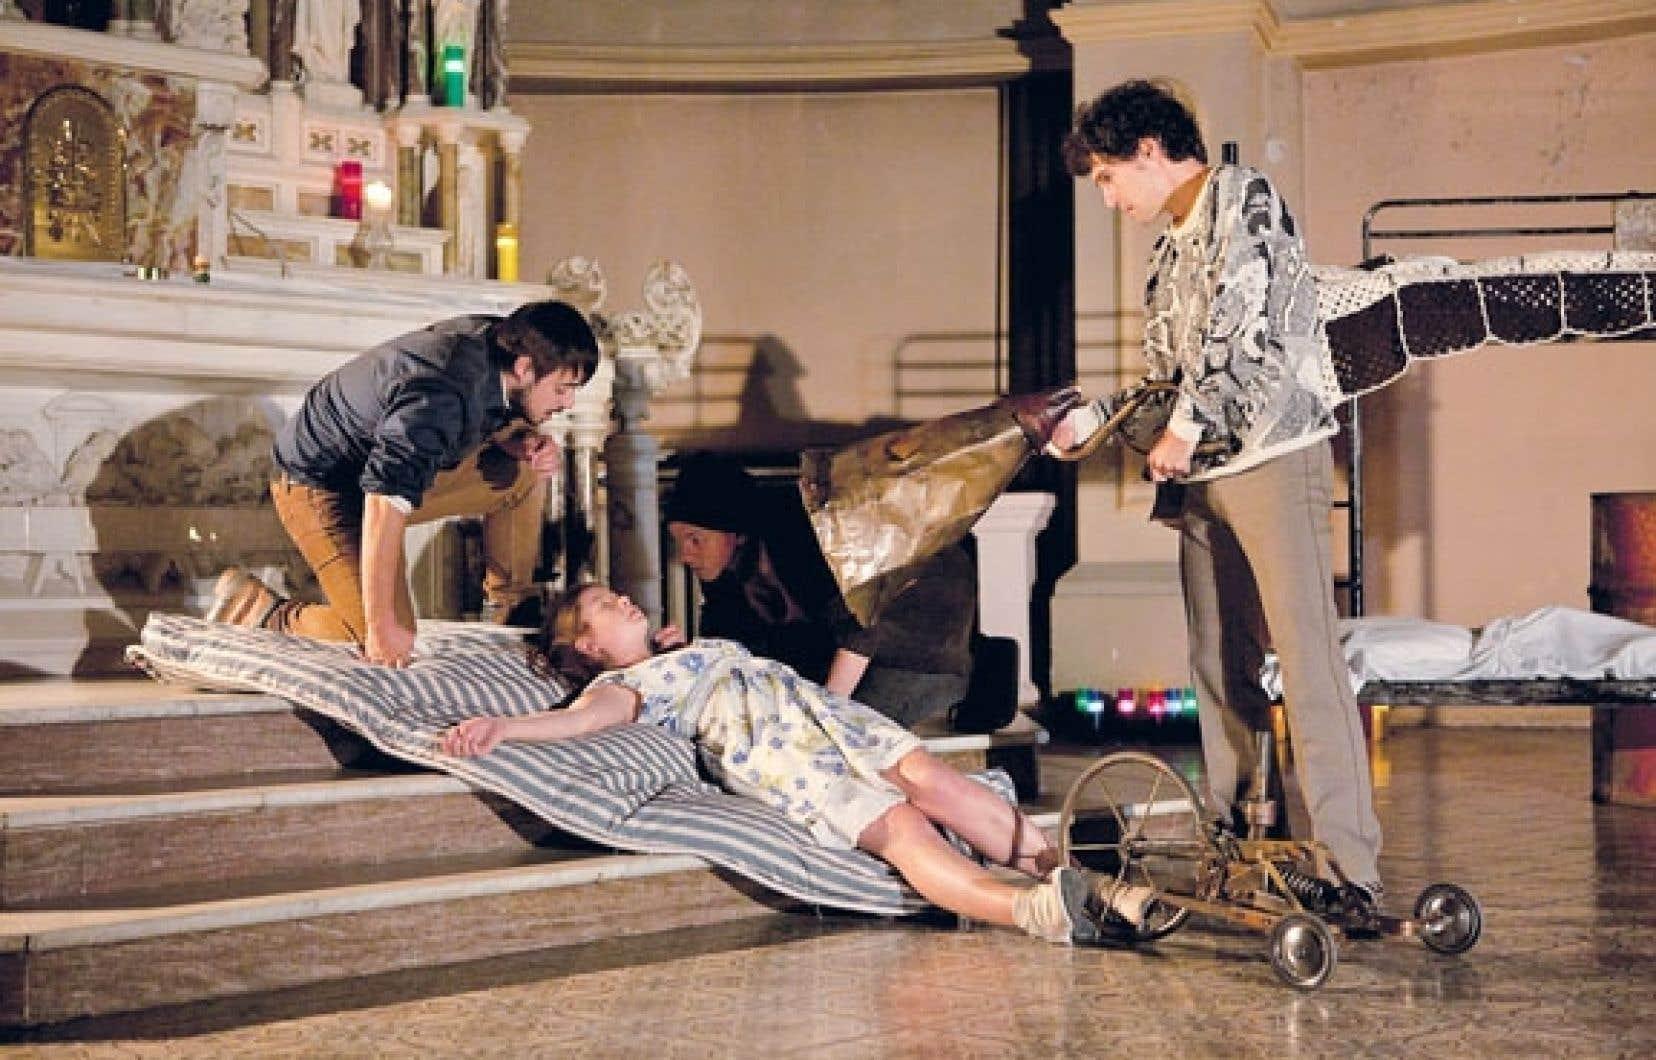 La troupe du Mimésis a choisi un lieu audacieux pour planter son décor : le chœur de l'église de l'Immaculée-Conception.